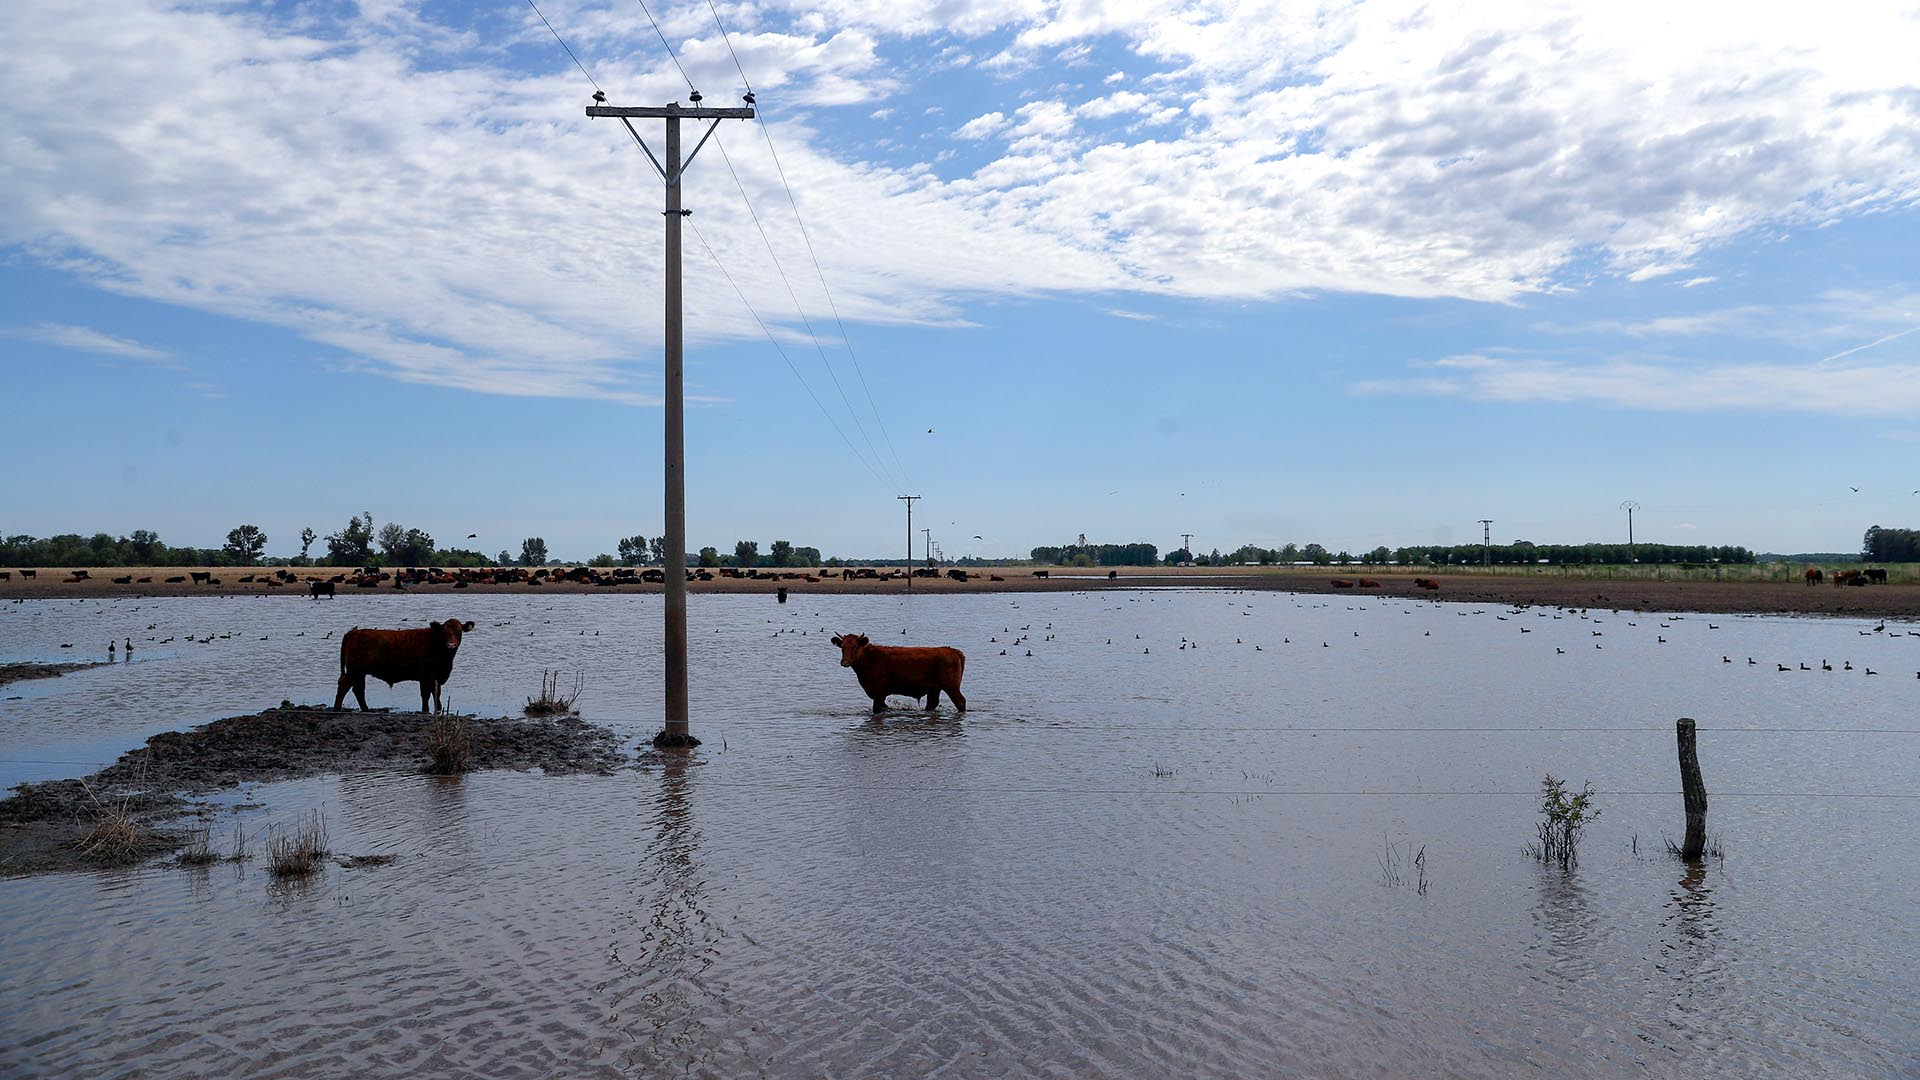 En enero, 1.700.000 hectáreas se vieron afectadas por las inundaciones en Santa Fe. (REUTERS/Marcos Brindicci)